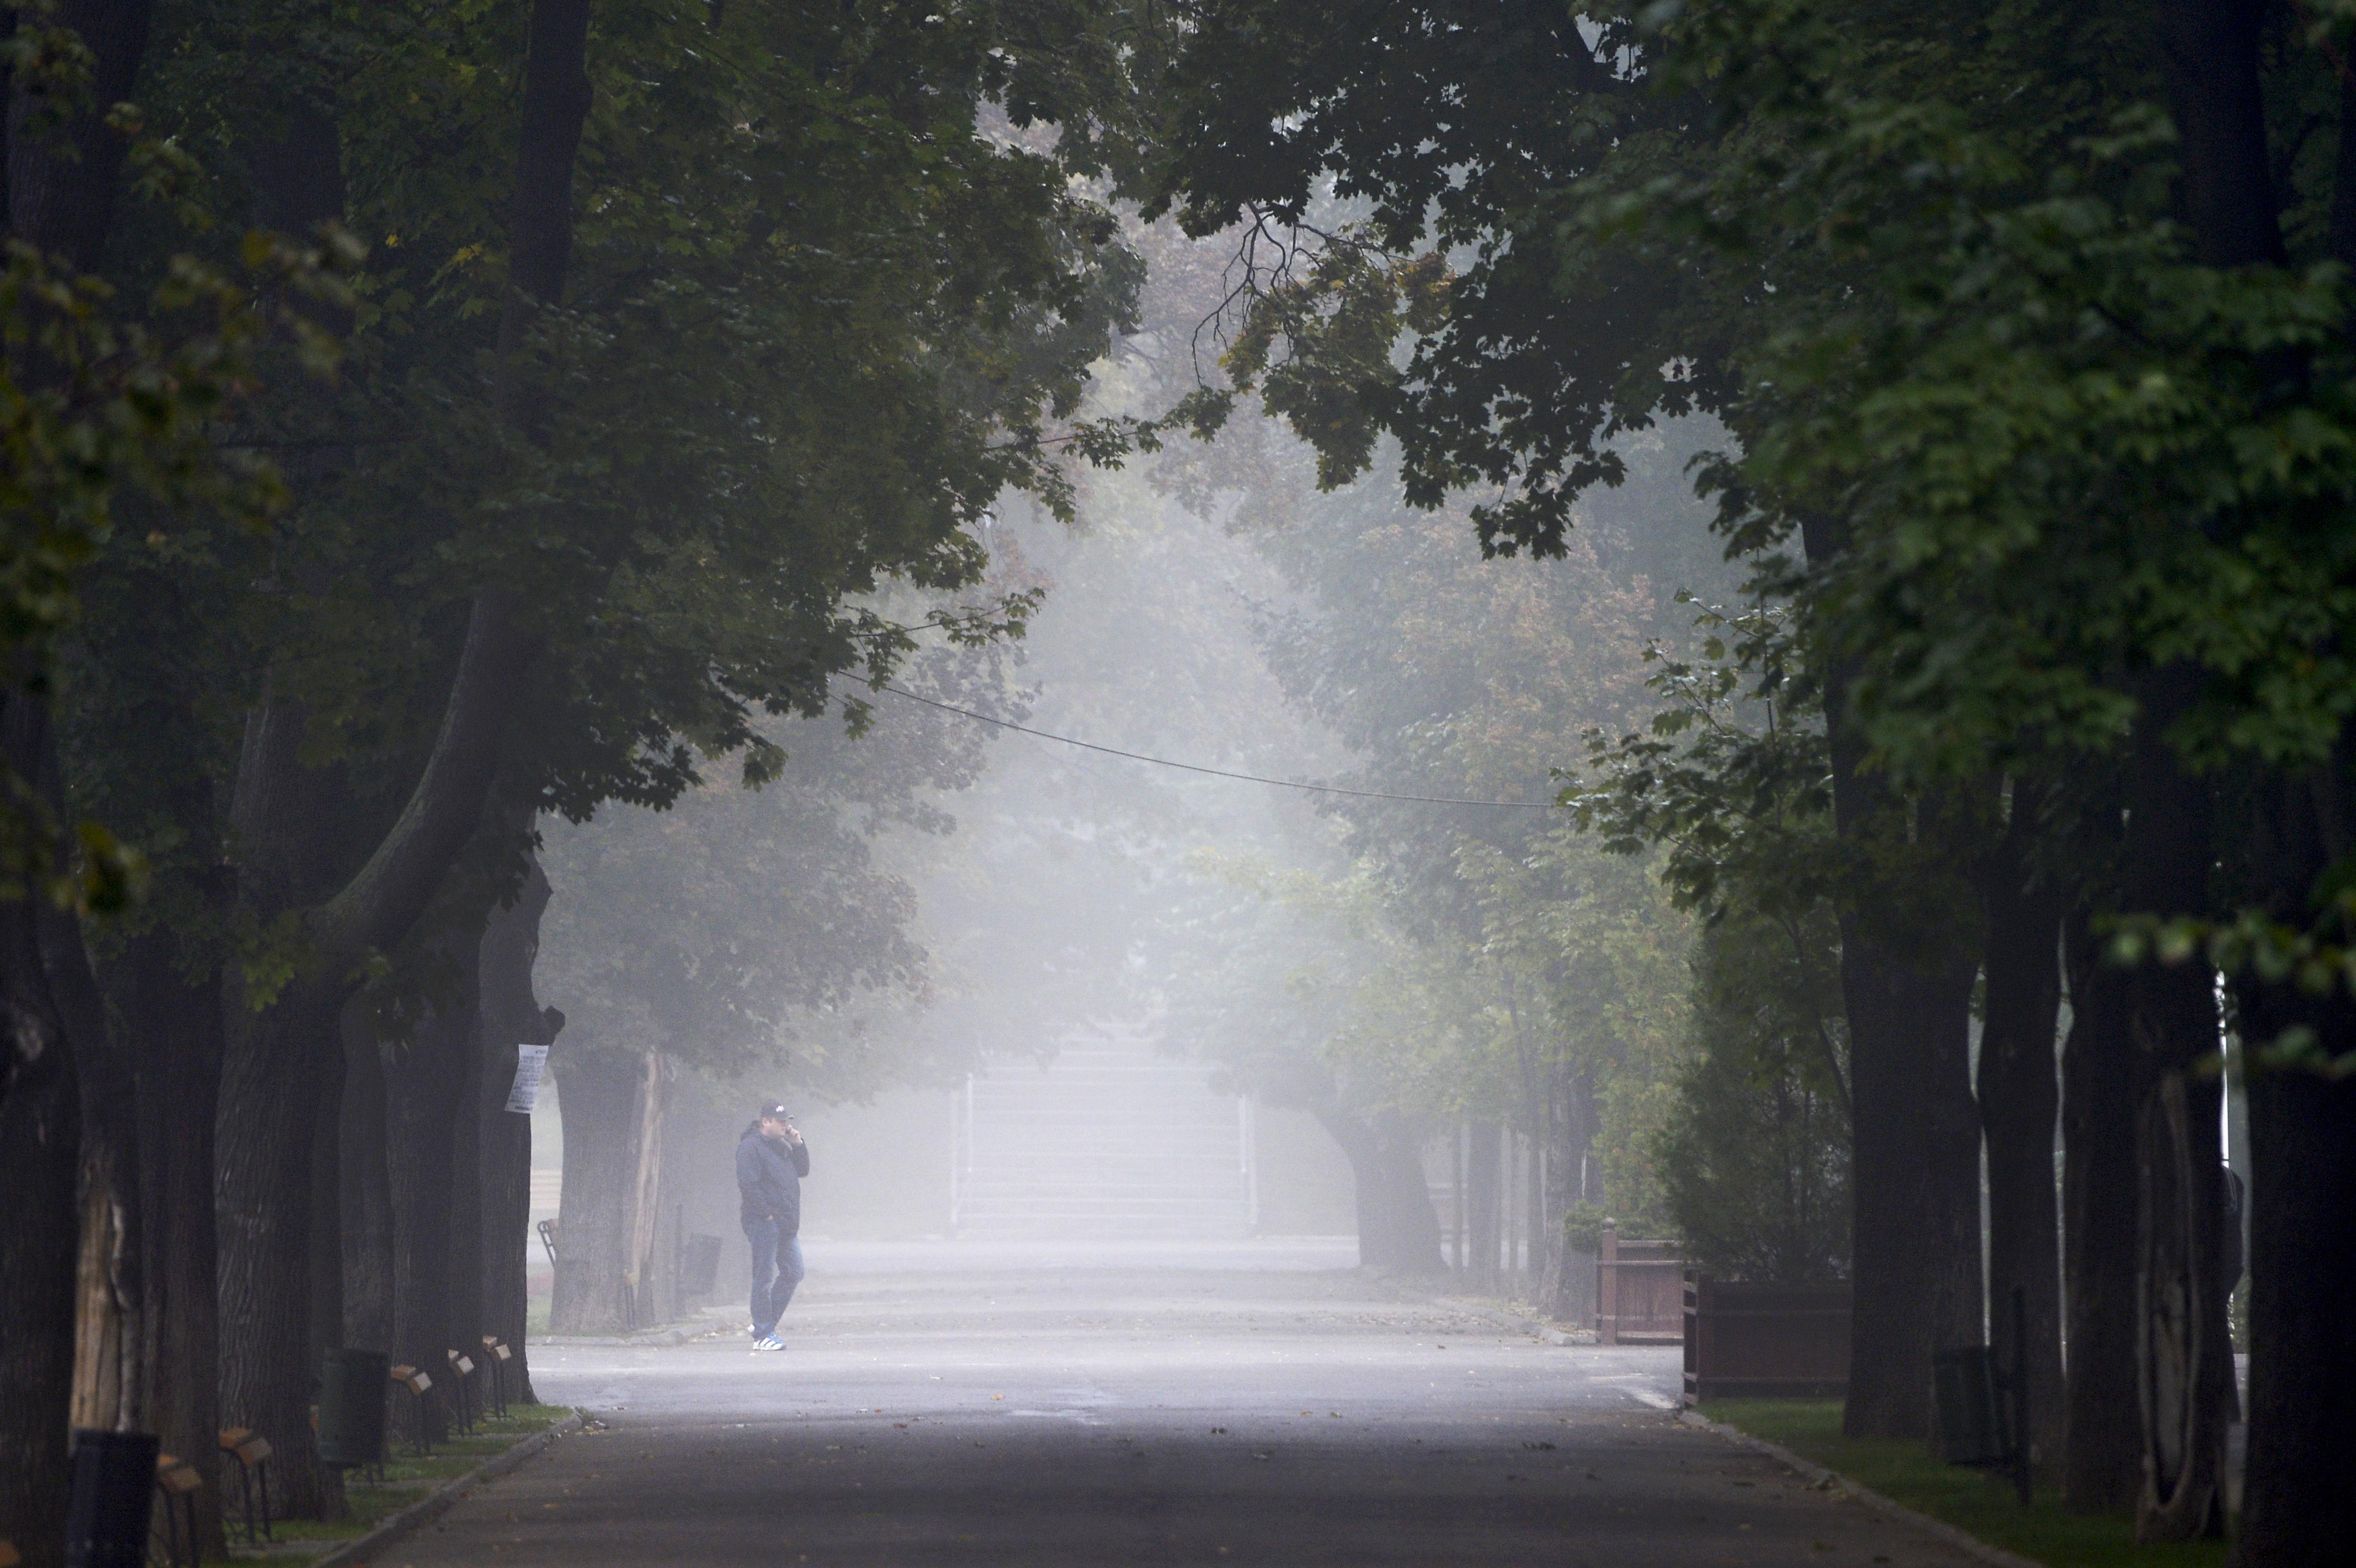 ALERTĂ METEO | Cod galben de ceaţă şi vânt în mai multe judeţe din România. Circulaţia se desfăşoară în condiţii de ceaţă densă pe A2